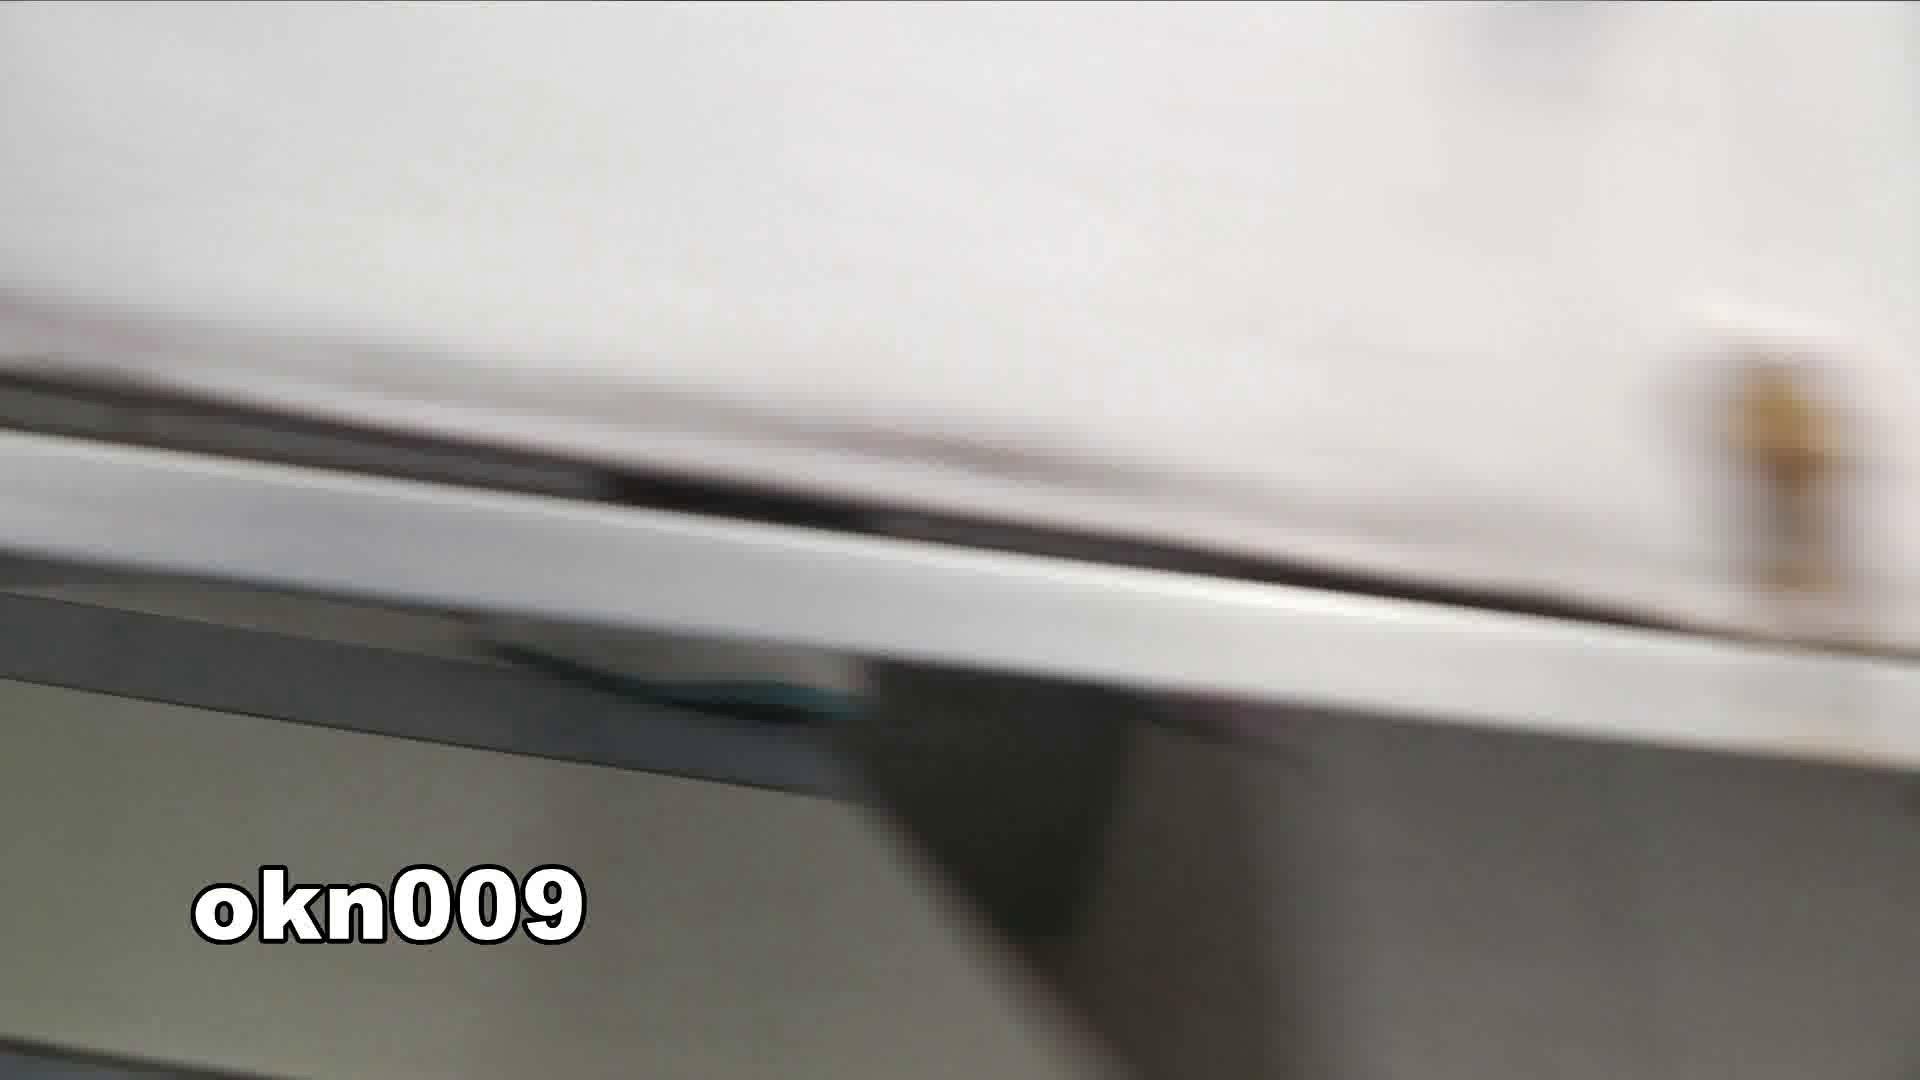 下からノゾム vol.009 リキンでモリアガった割にヒョロ 丸見え  109画像 92